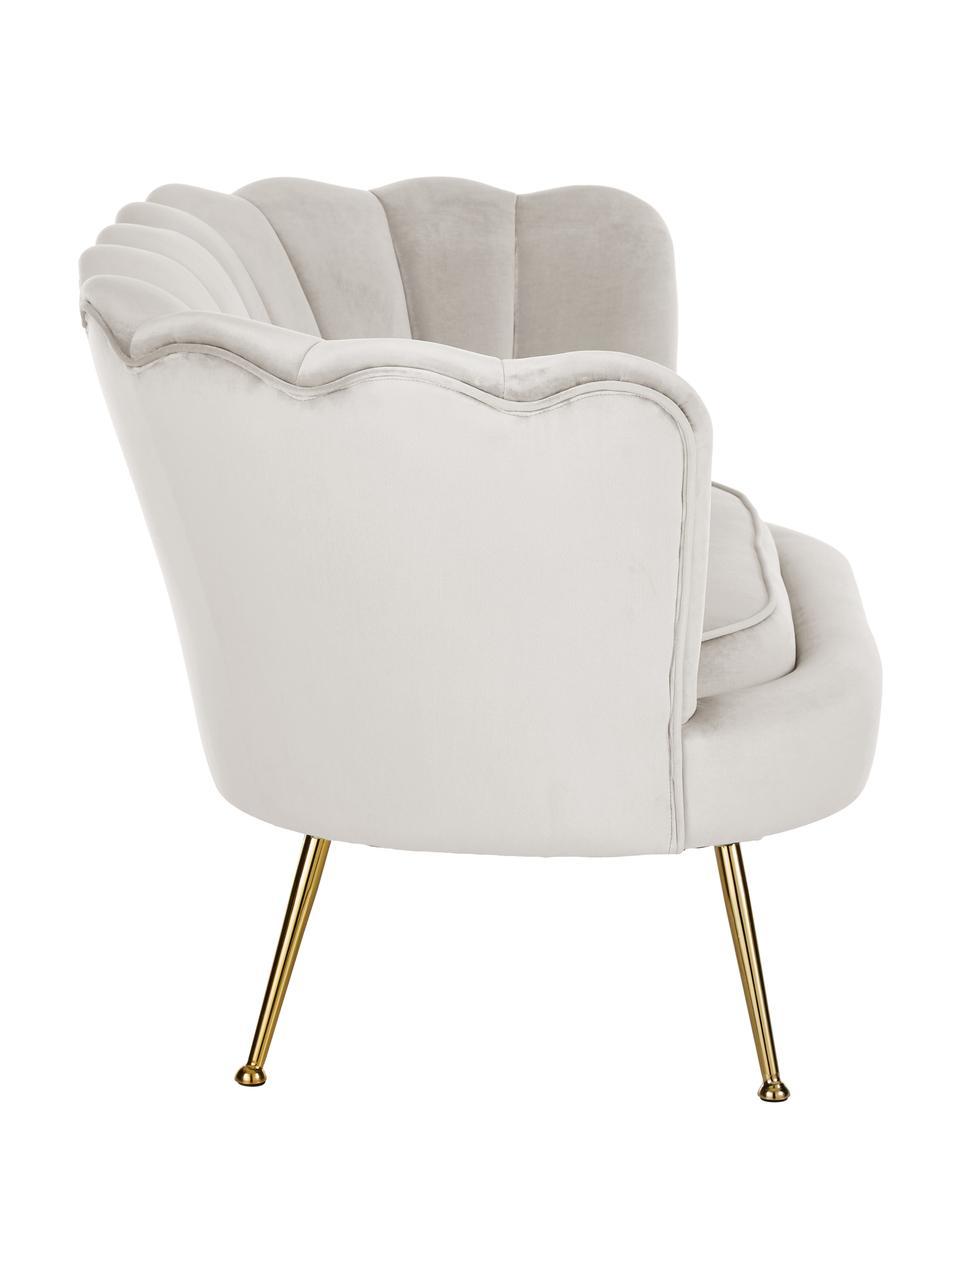 Sofa z aksamitu z metalowymi nogami Oyster (2-osobowa), Tapicerka: aksamit (poliester) 30 00, Nogi: metal galwanizowany, Aksamitny kremowobiały, S 131 x G 78 cm